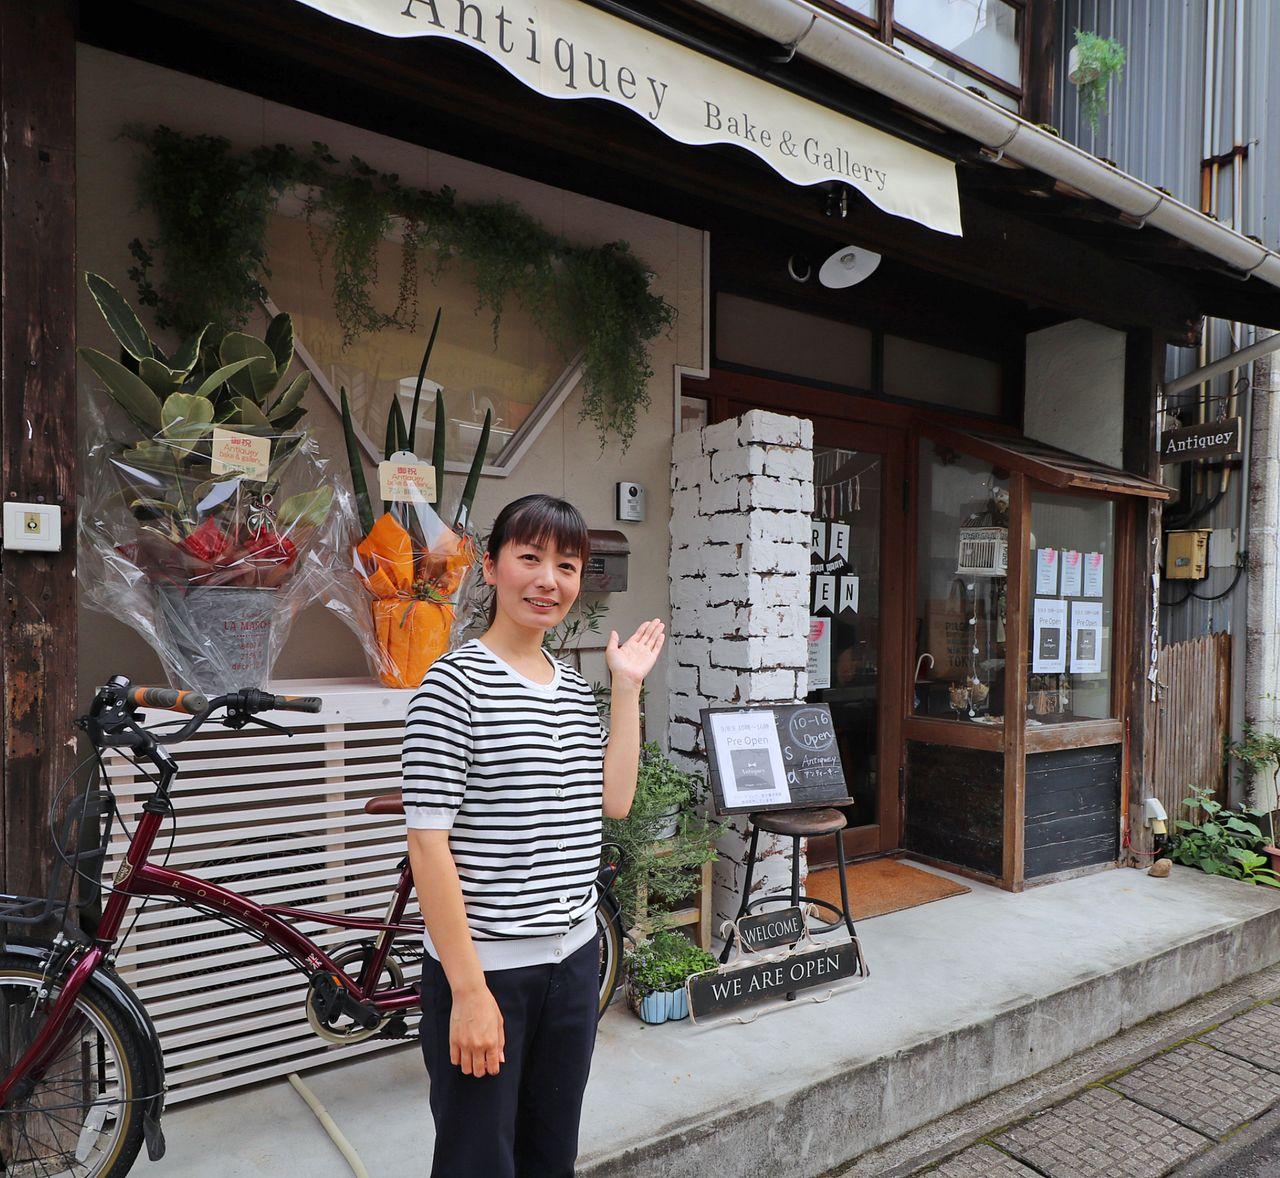 山岡さんアンティーキーベイク&ギャラリーの外観前で撮影。外観もお洒落にDIY。